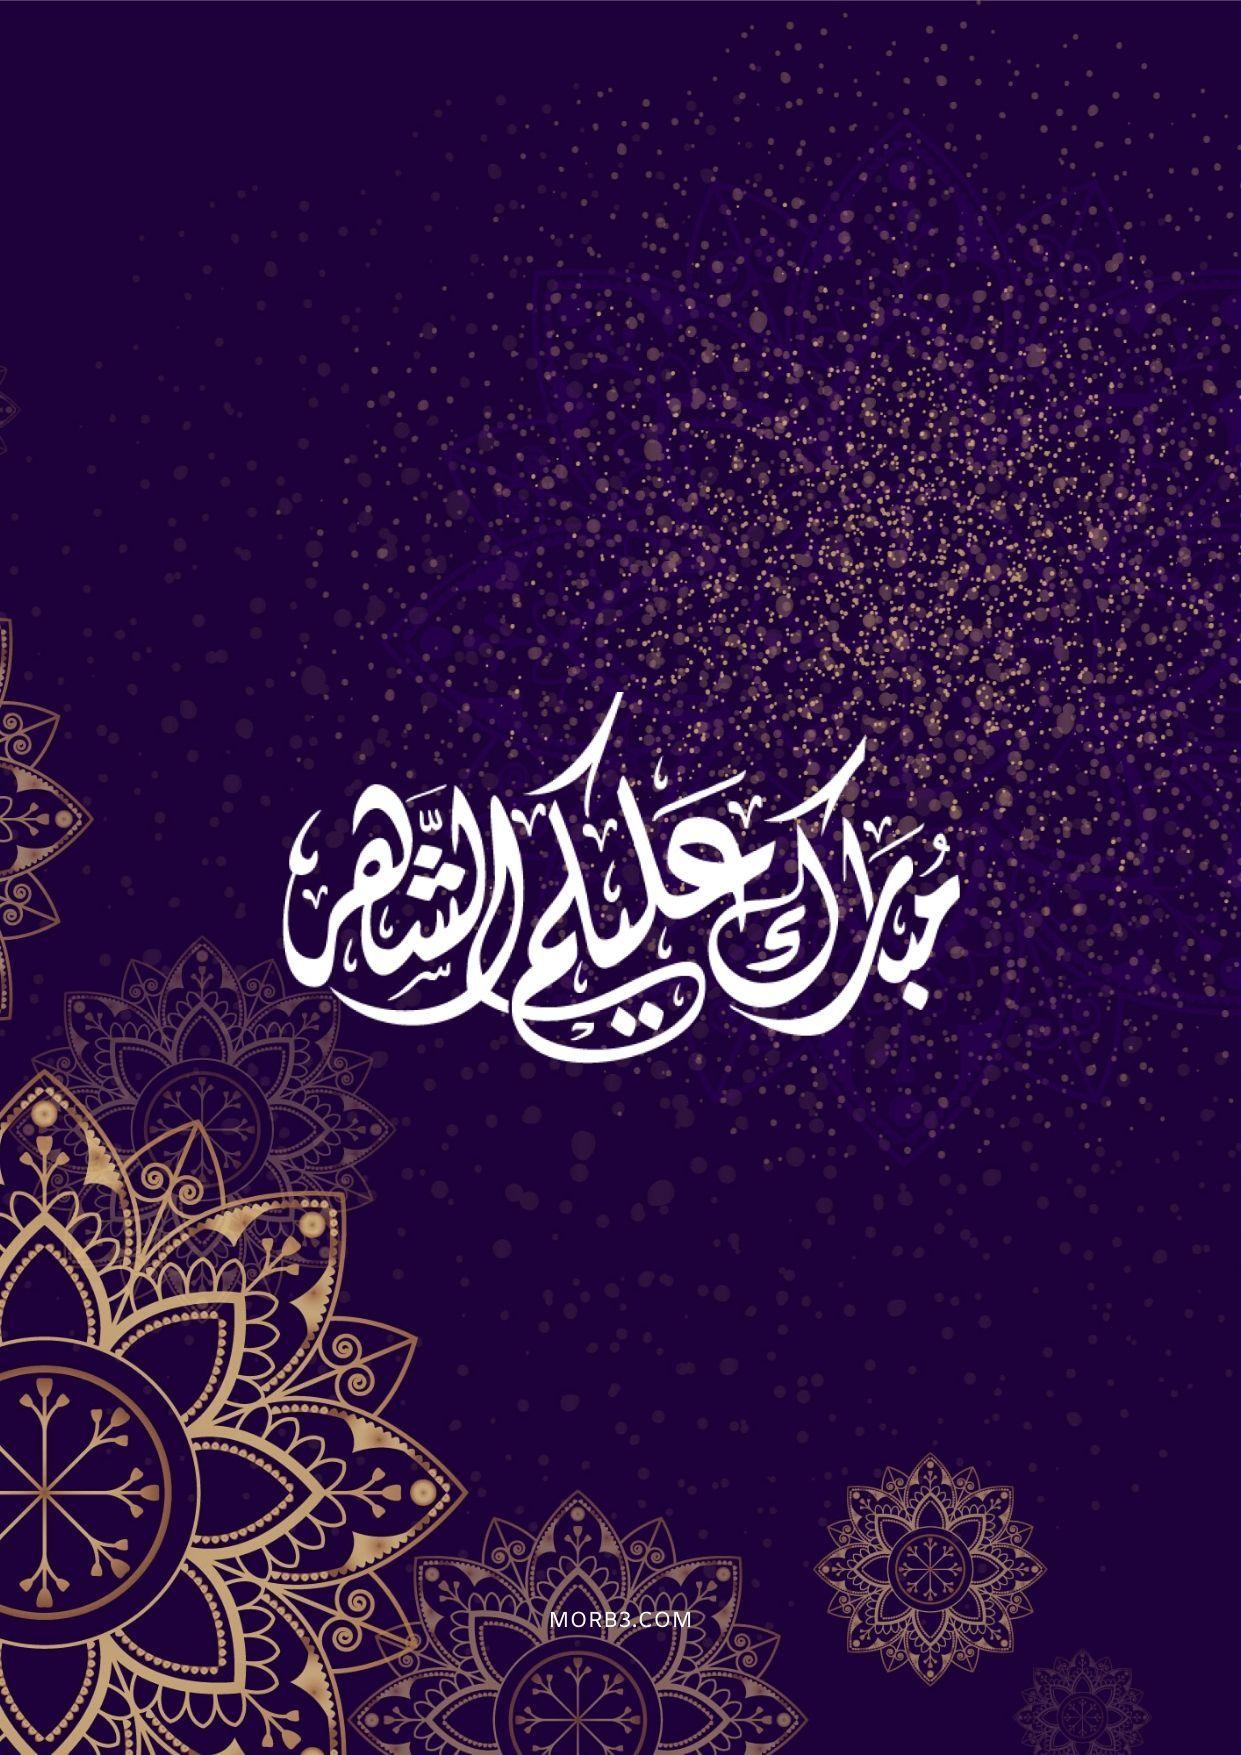 صور خلفيات رمضان كريم مبارك شهر رمضان خلفيات رمضانية للموبايل ايفون للجوال للفيس بوك للواتس خلفيات صور شهر رمضان تحميل خلفيات رمضان اجمل خلفيات رمضان مبارك اجمل